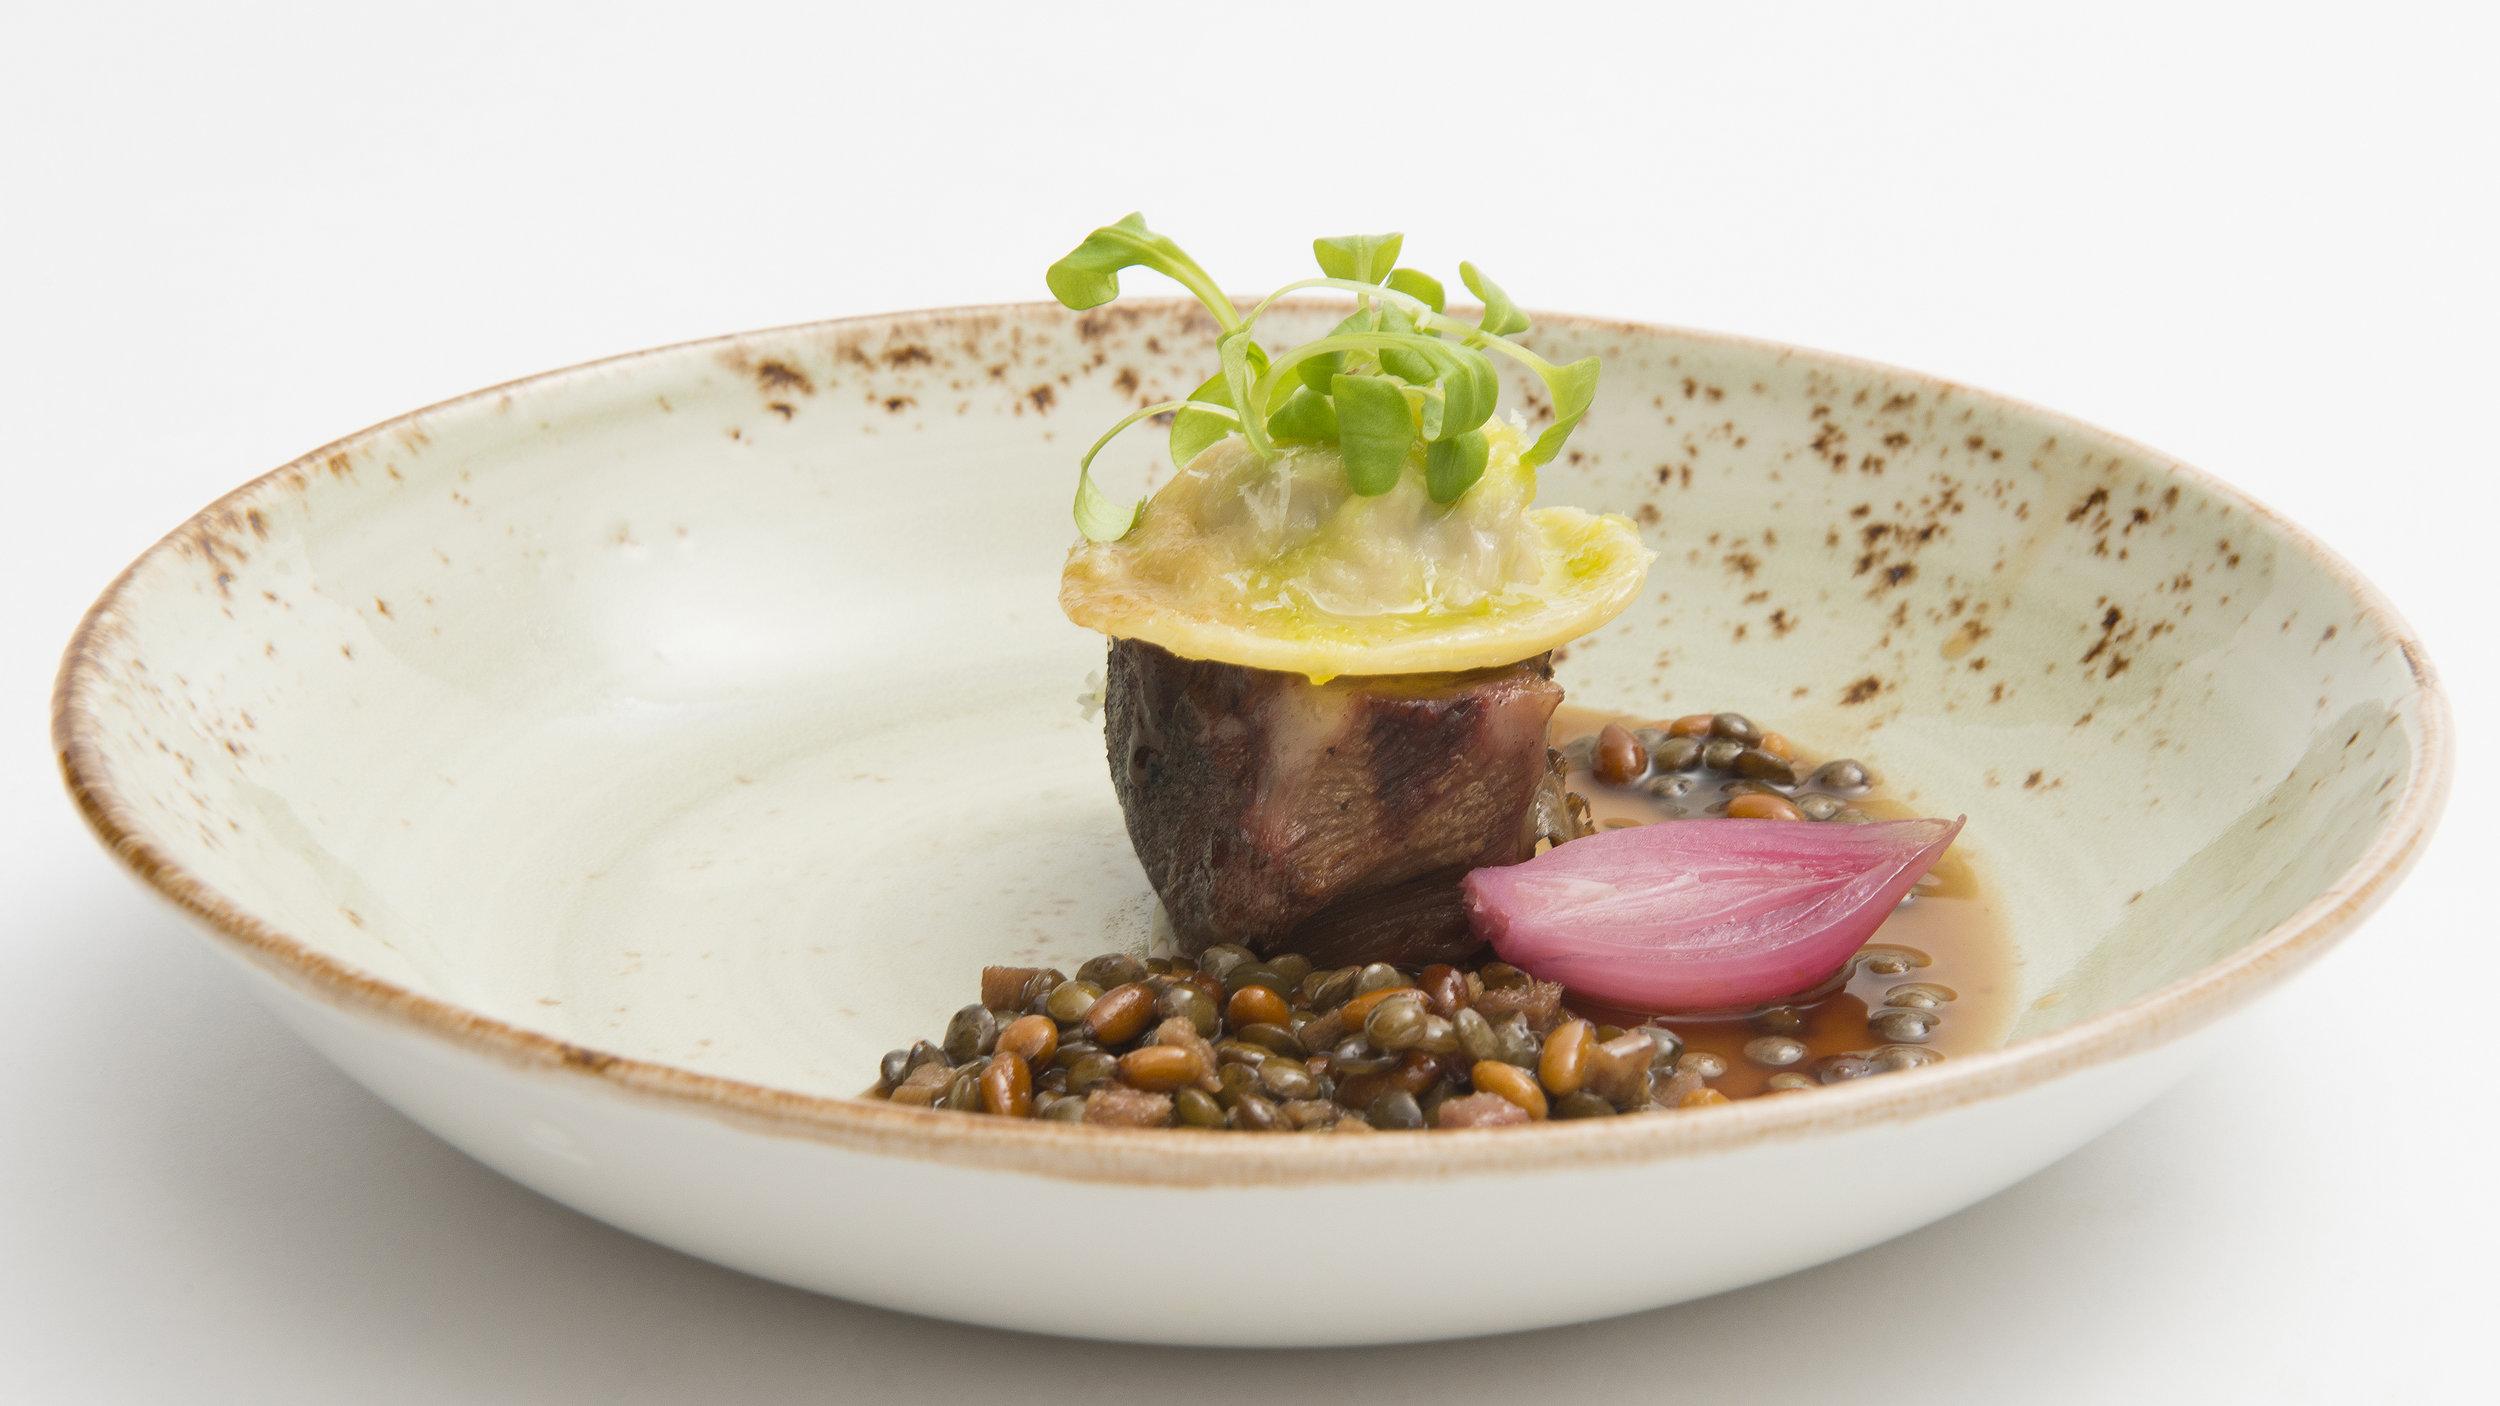 Lucas Rive | Kalfswang van de Big Green egg, ravioli van kalfszwezerik, kalfstong, zoet zuur van rode ui, kalfsjus met salie linzen en pijnboompitten